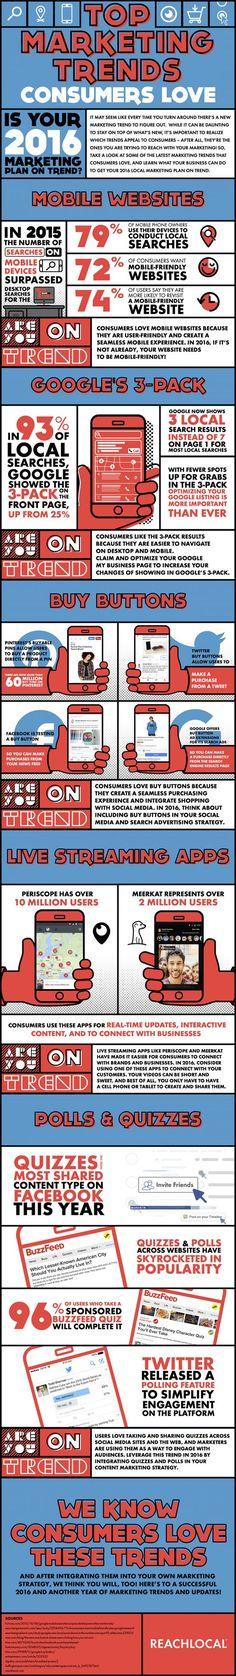 Nuevas tendencias de marketing para llegar a los consumidores [Infografía]